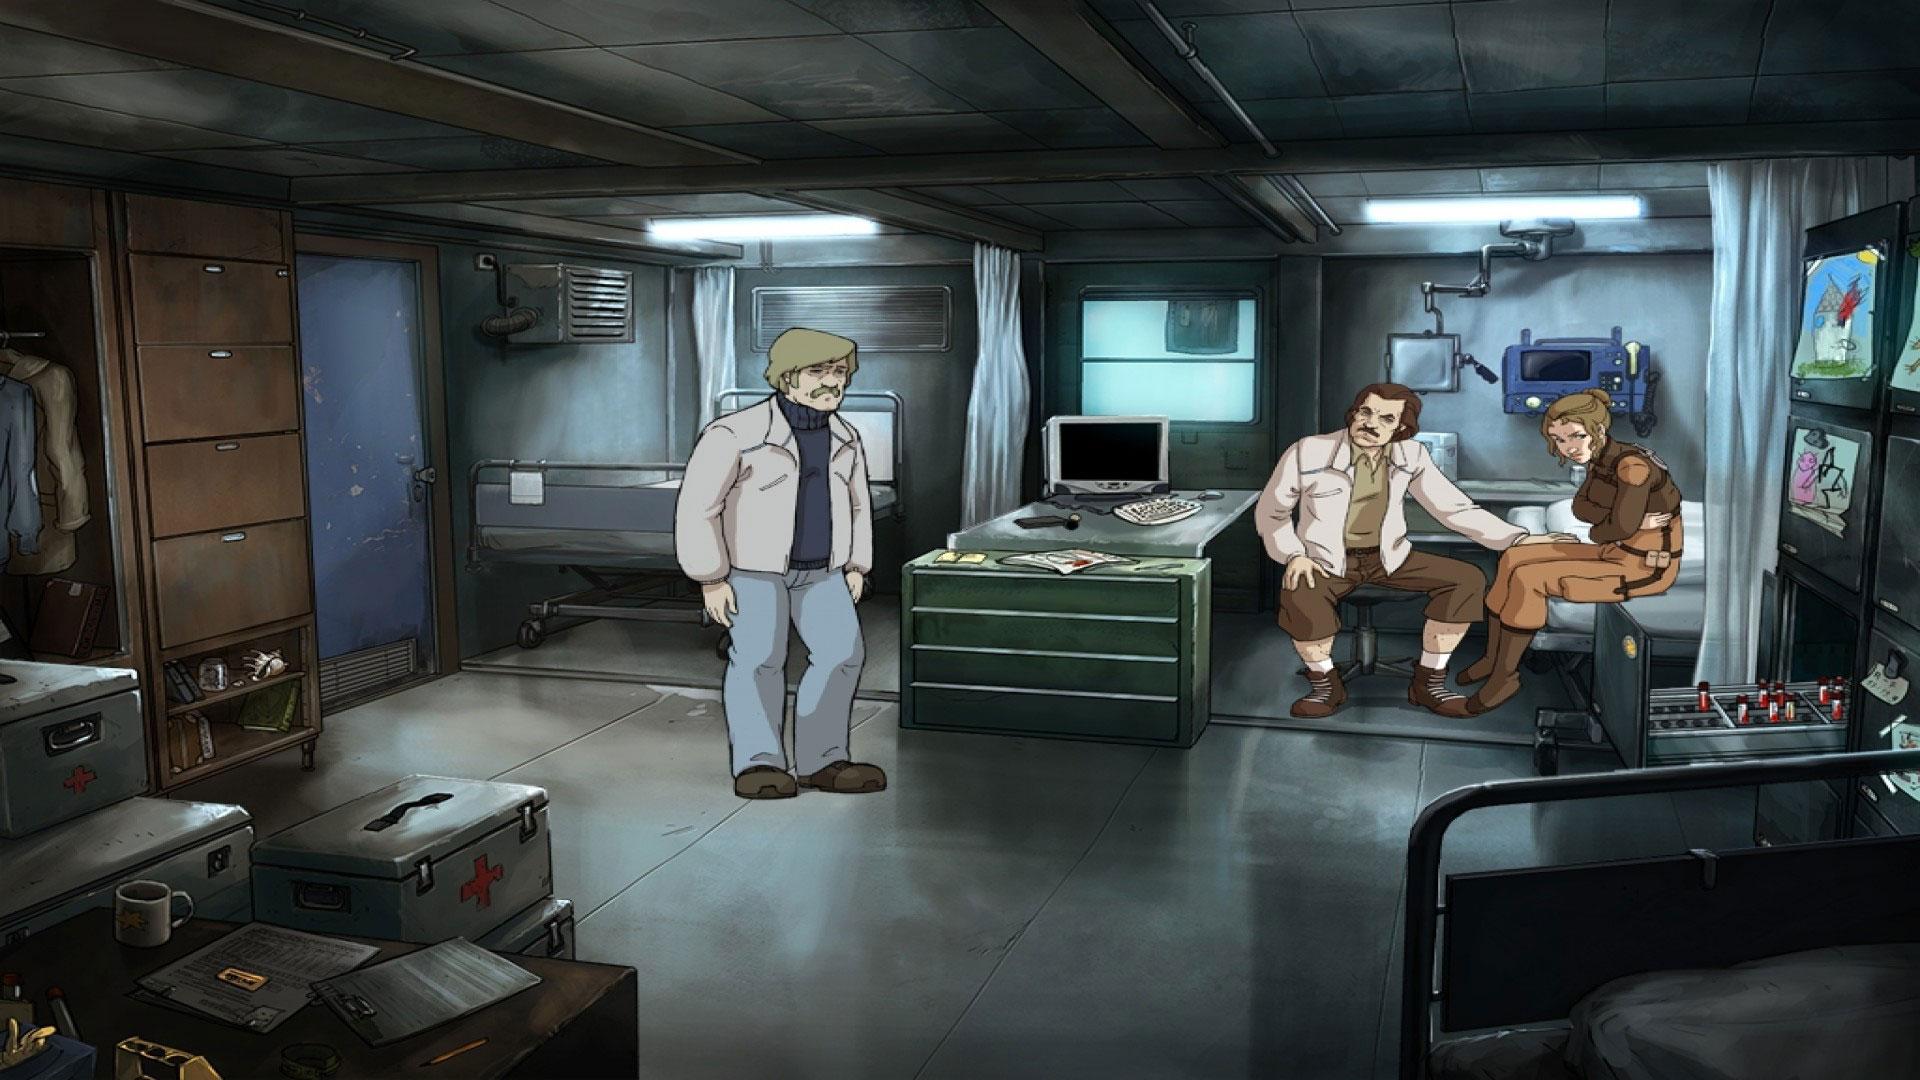 """Das Science-Fiction-Adventure """"A New Beginning"""" sollte ursprünglich das erste Spiel von Daedalic werden, erschien aber erst 2010 - zwei Jahren nach dem Debüt-Titel """"Edna bricht aus"""". Auch hier war Poki federführend."""